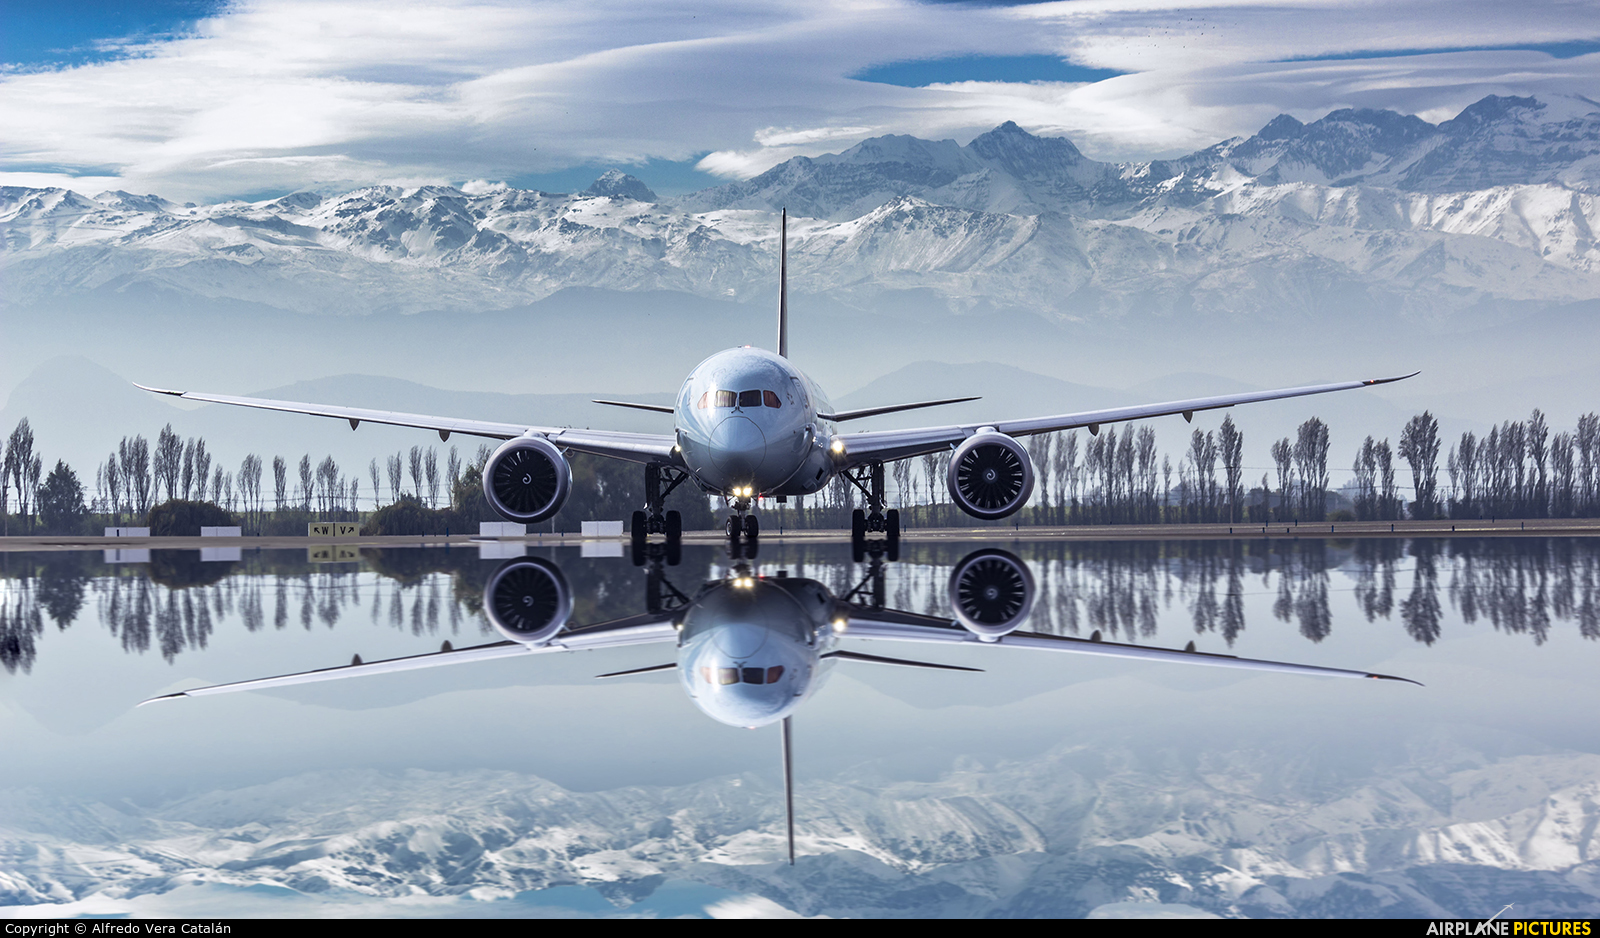 Air Canada C-FKSV aircraft at Santiago de Chile - Arturo Merino Benítez Intl